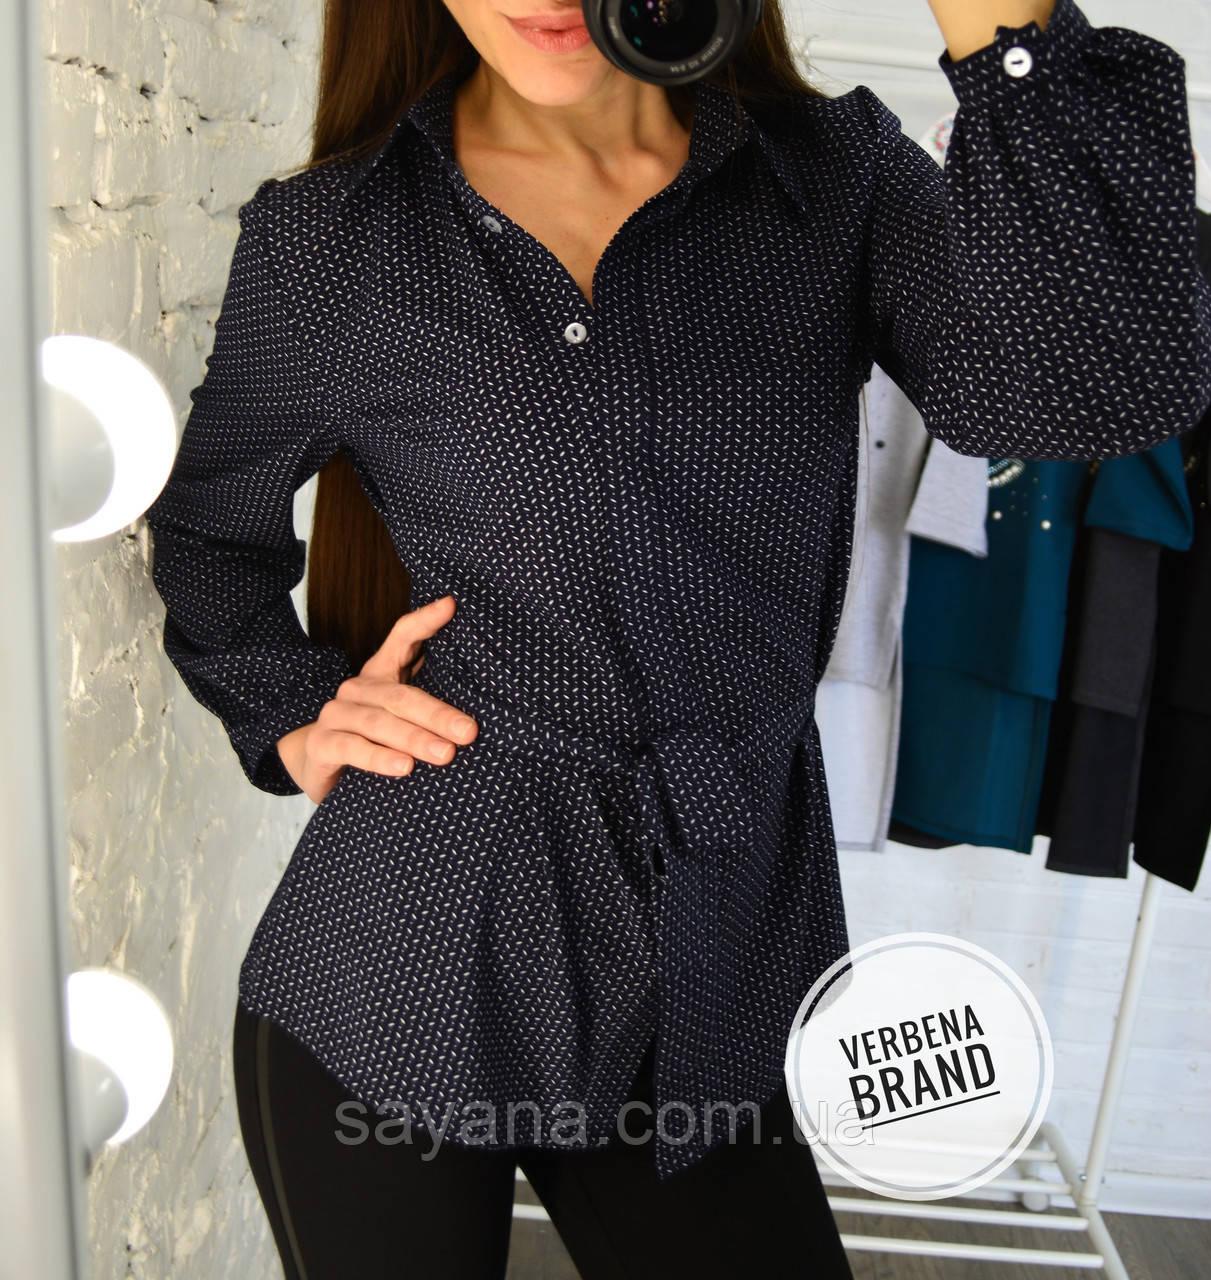 Женская блуза с принтом в расцветках. ВЕ-7-1-0219